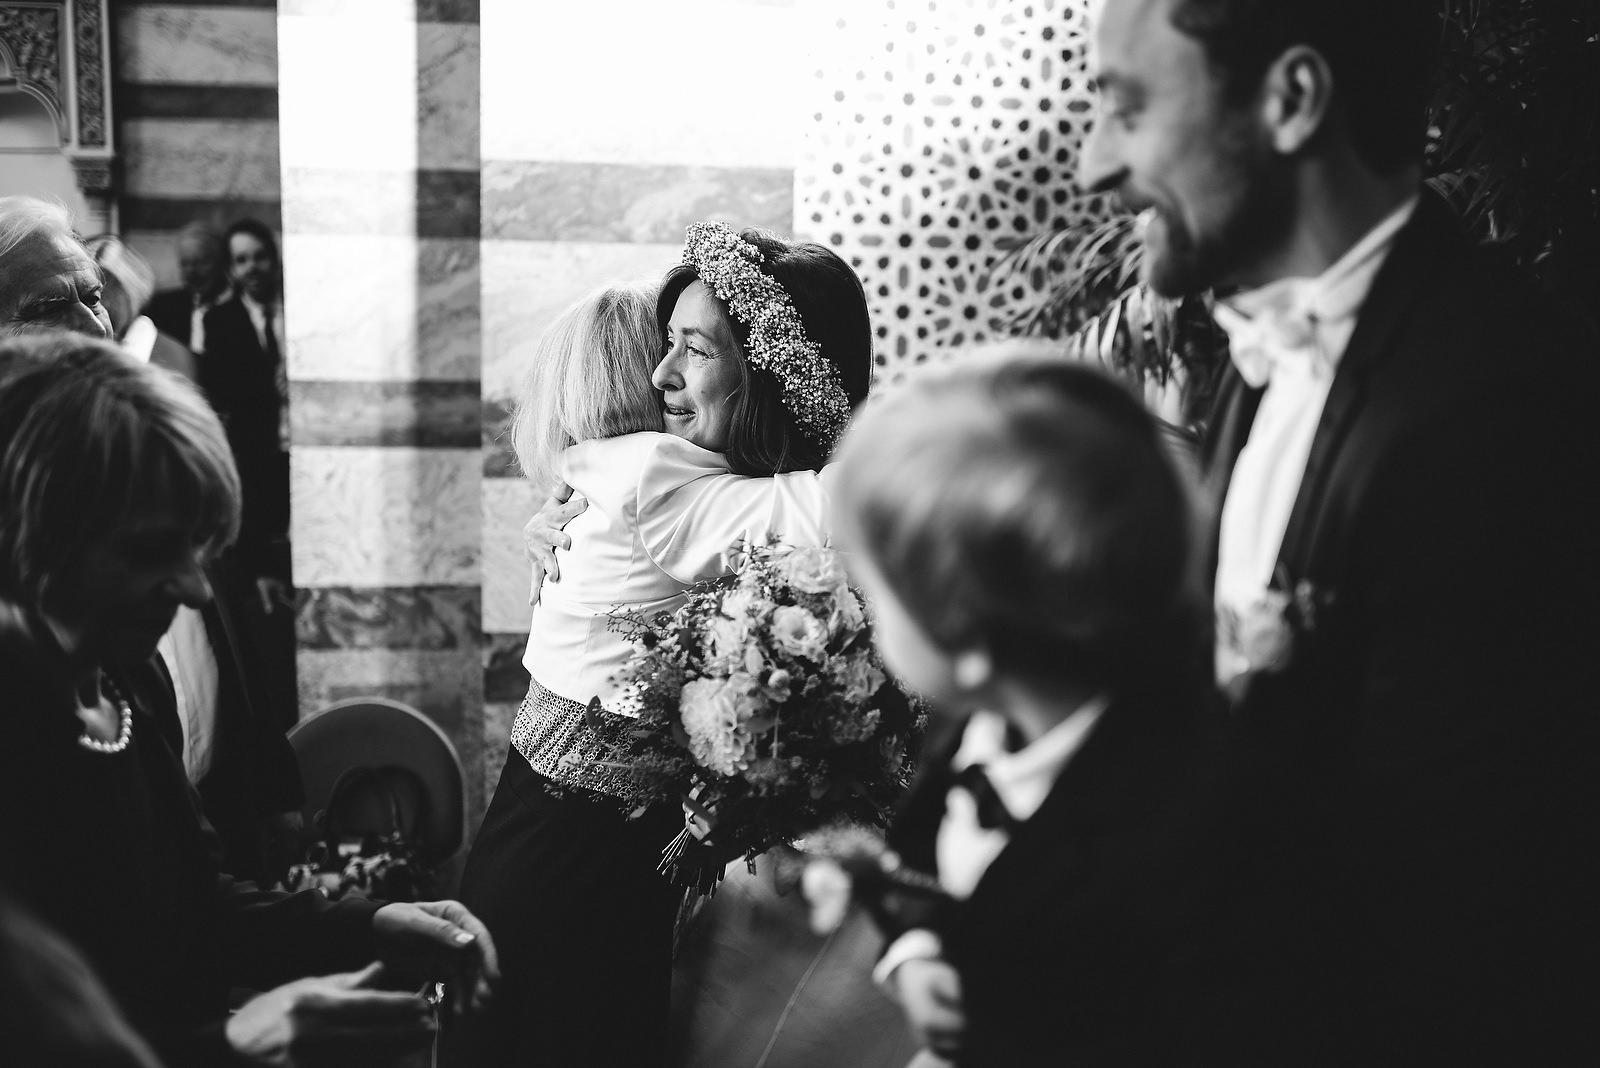 Fotograf Konstanz - Hochzeitsfotograf Stuttgart Esslingen Hochzeit 16 - Wedding with moorish ambience in the Wilhelma in Stuttgart  - 16 -